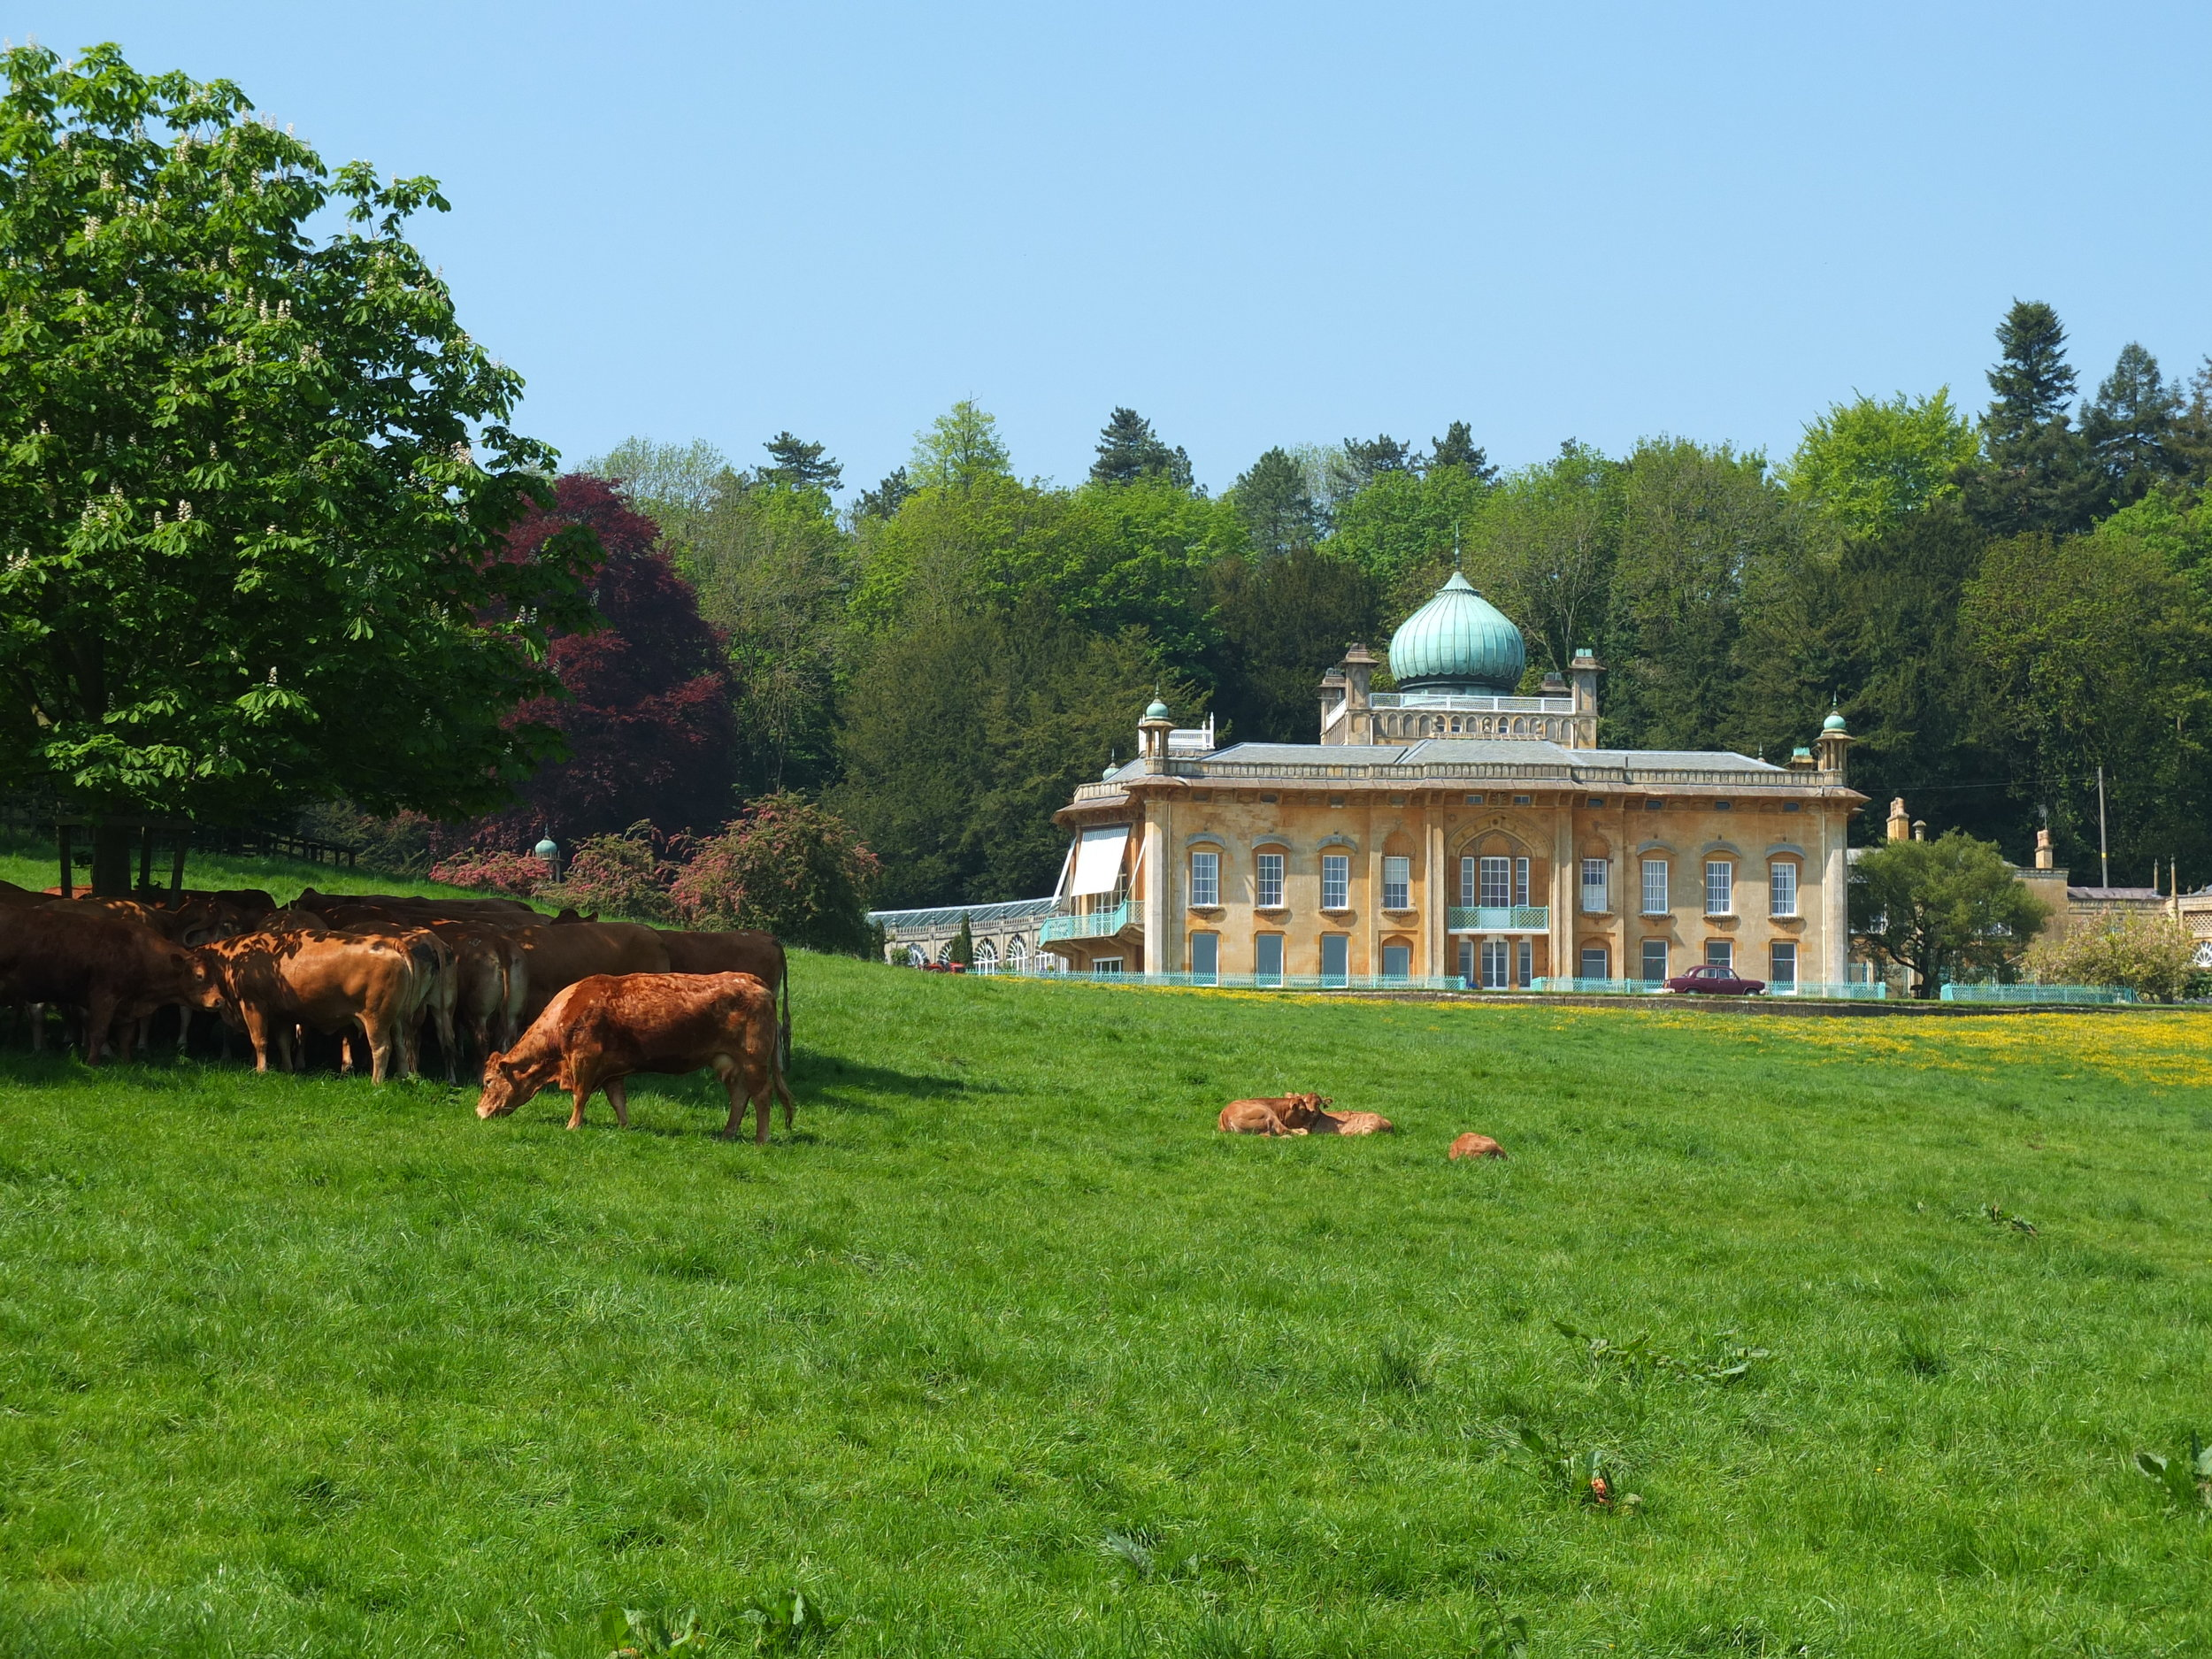 Sezincote House - Cotswold Guide